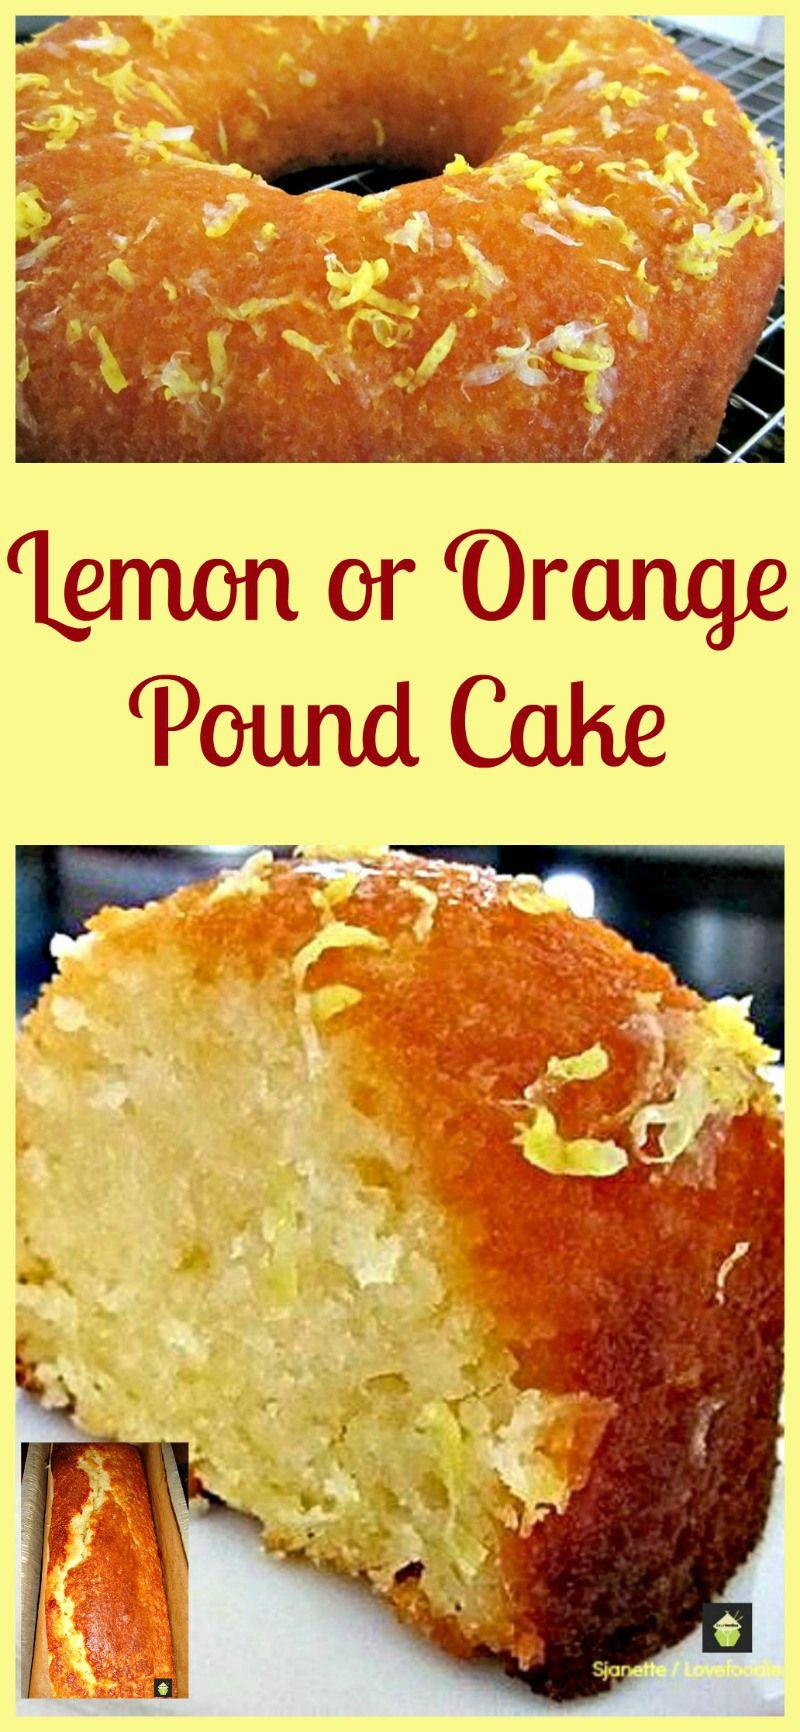 Moist Lemon Or Orange Pound Loaf Cake Loaf Or Bundt Pan Quot You Choose